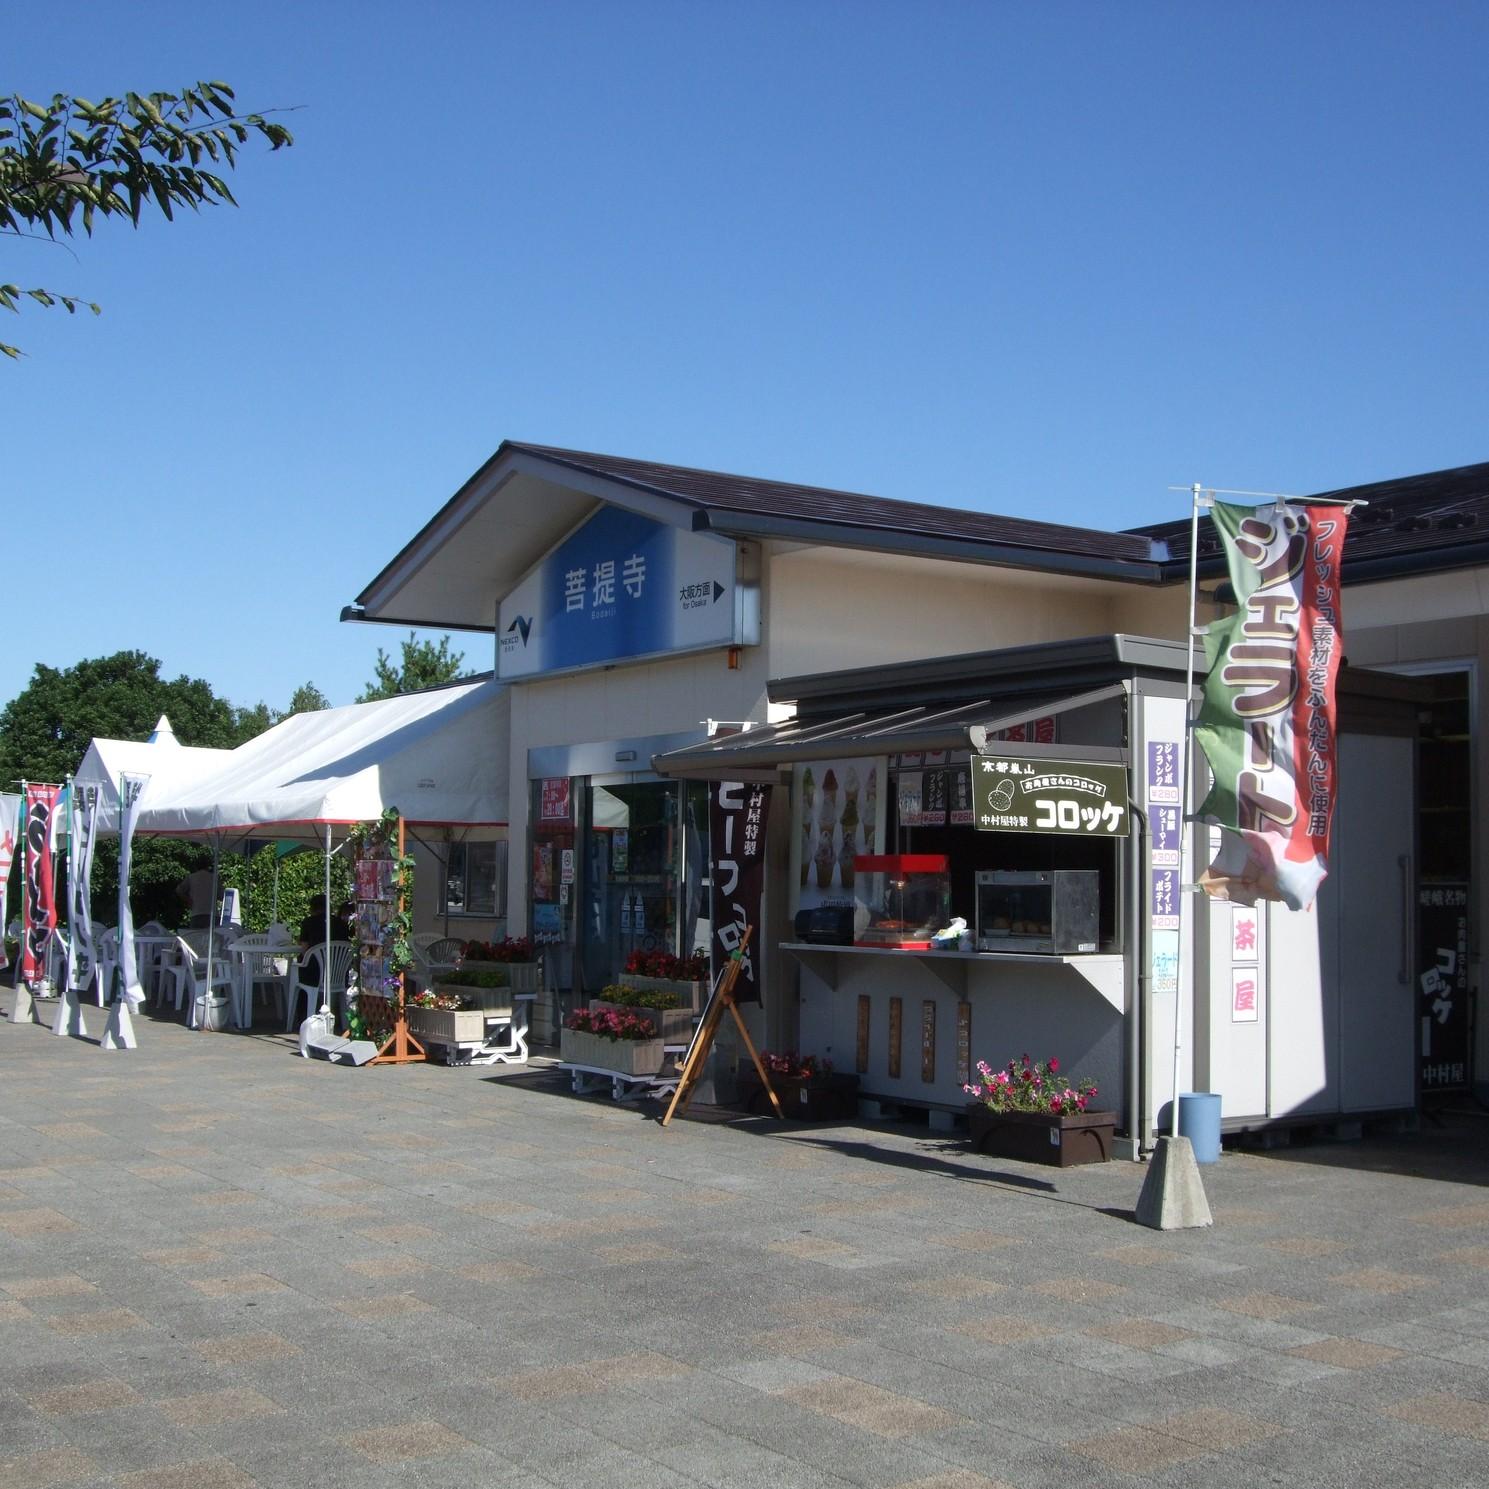 菩提寺パーキングエリア(下り線)スナックコーナー